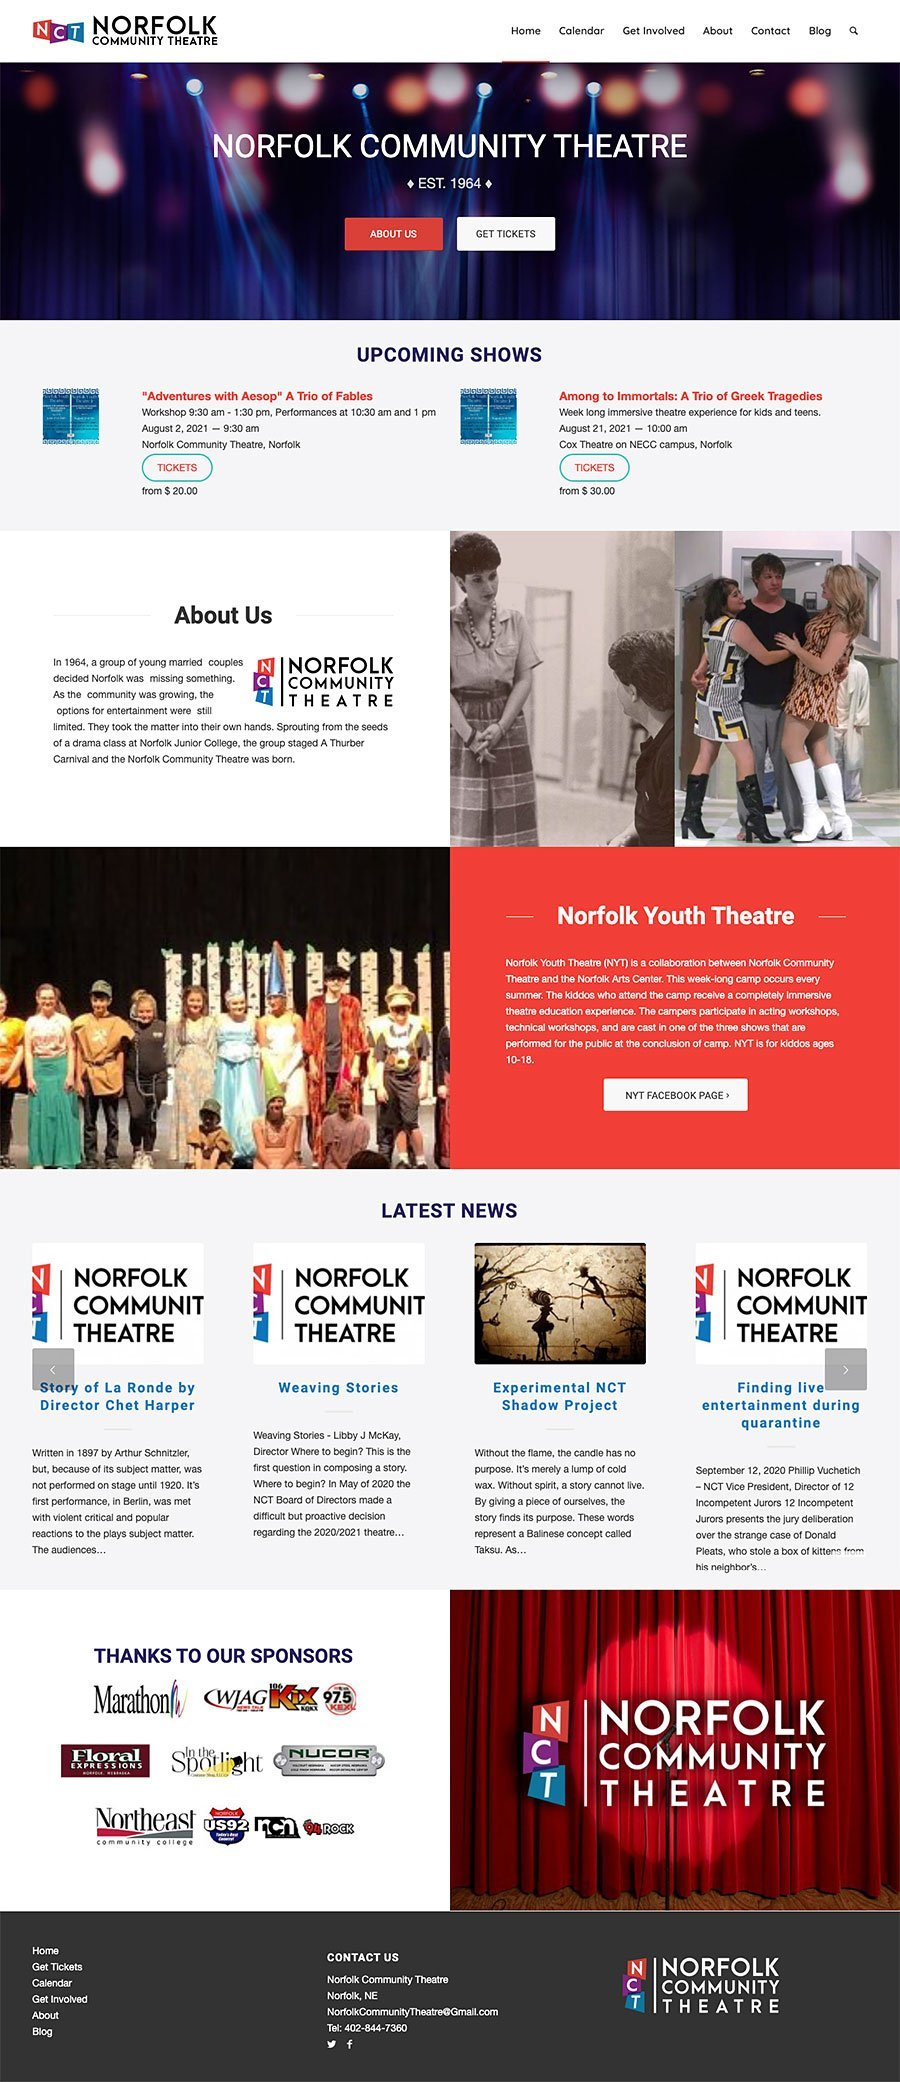 Norfolk Community Theatre Website Design